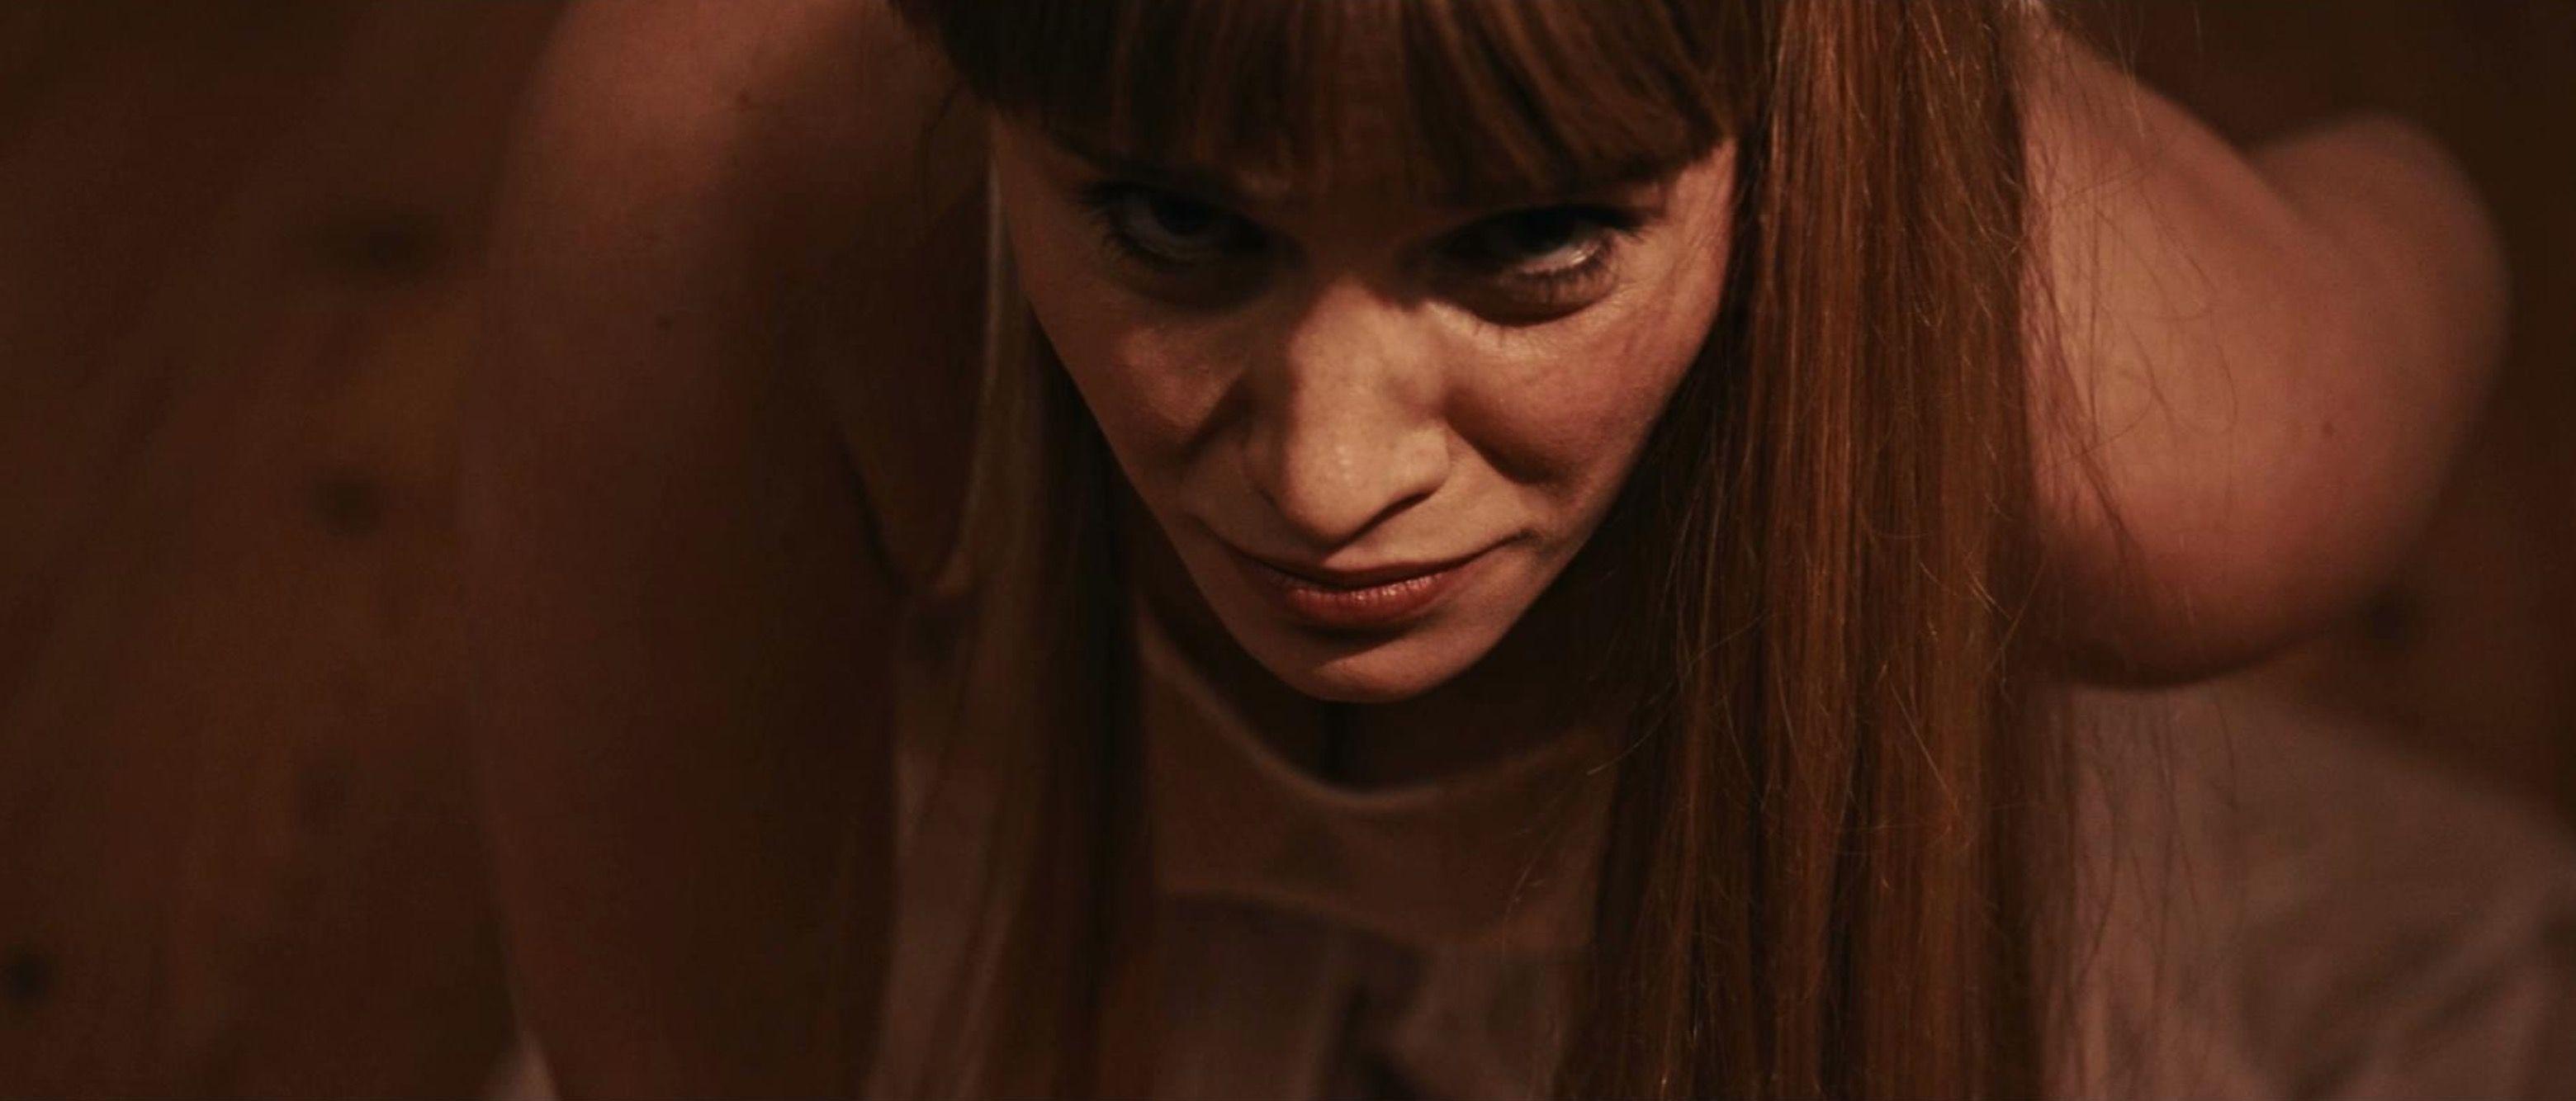 """""""Gotas"""": Primeras imágenes del corto que se estrenará en Nocturna Madrid"""